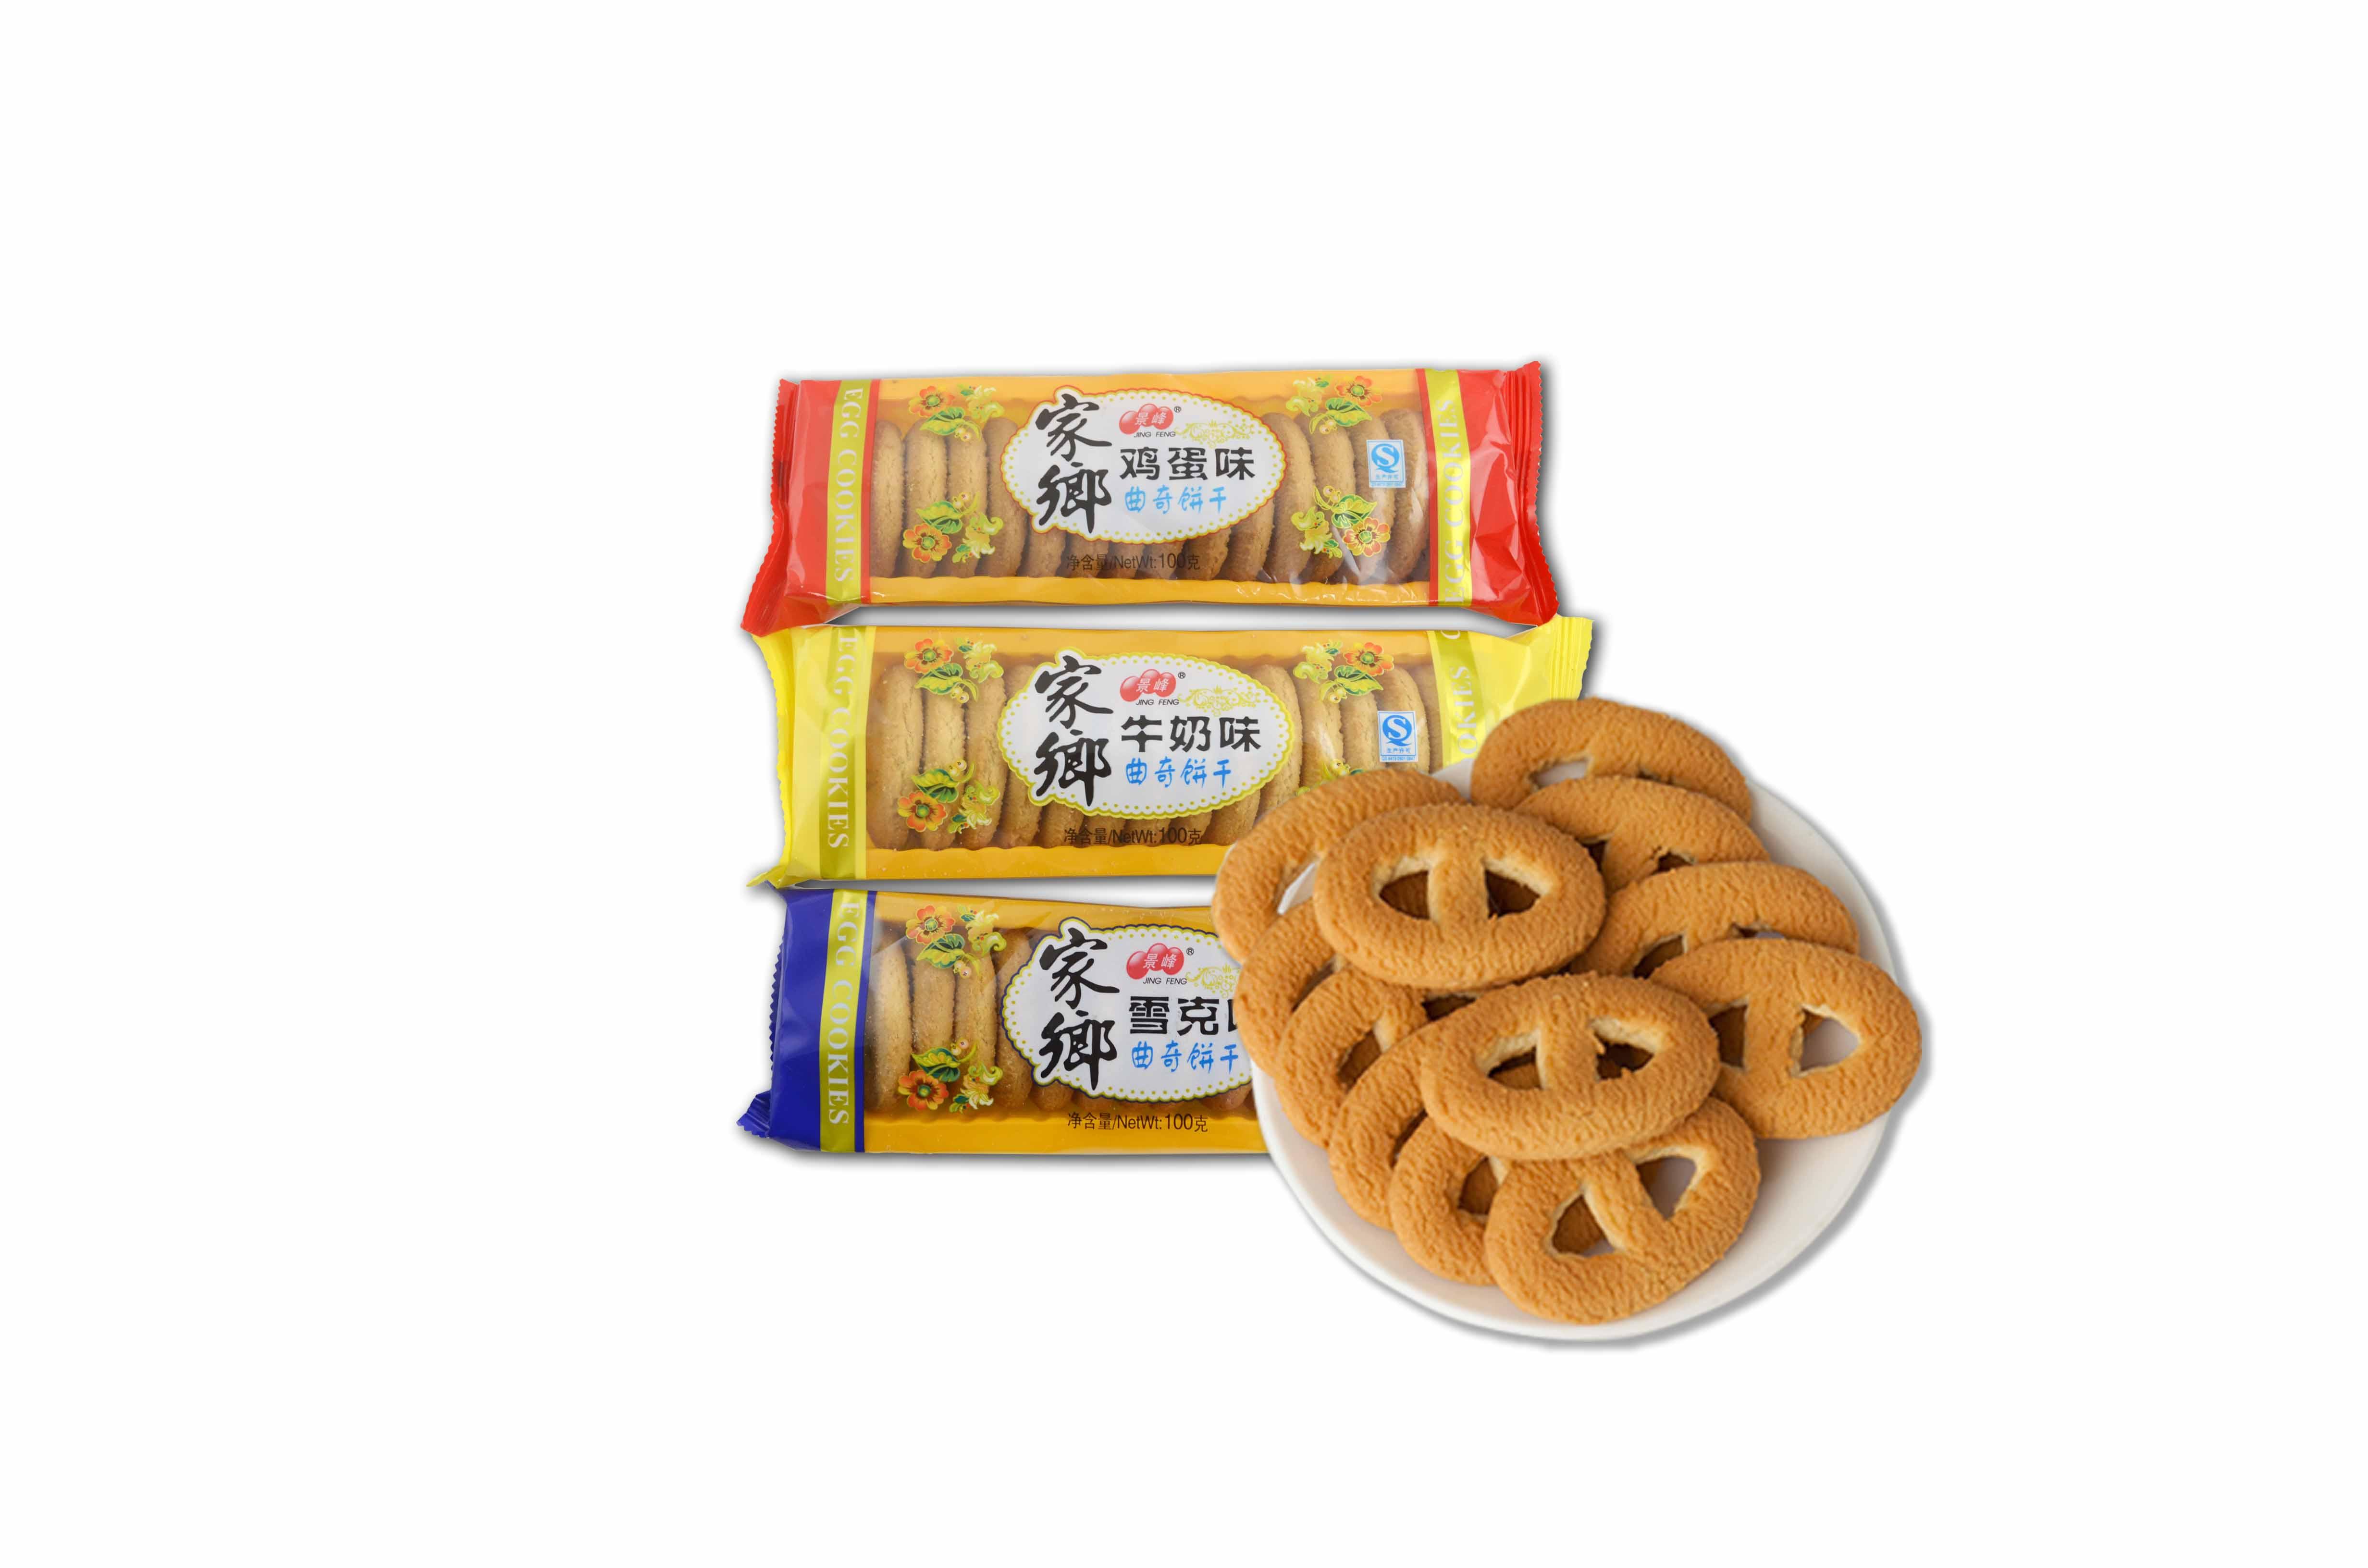 家乡曲奇饼干(100g)